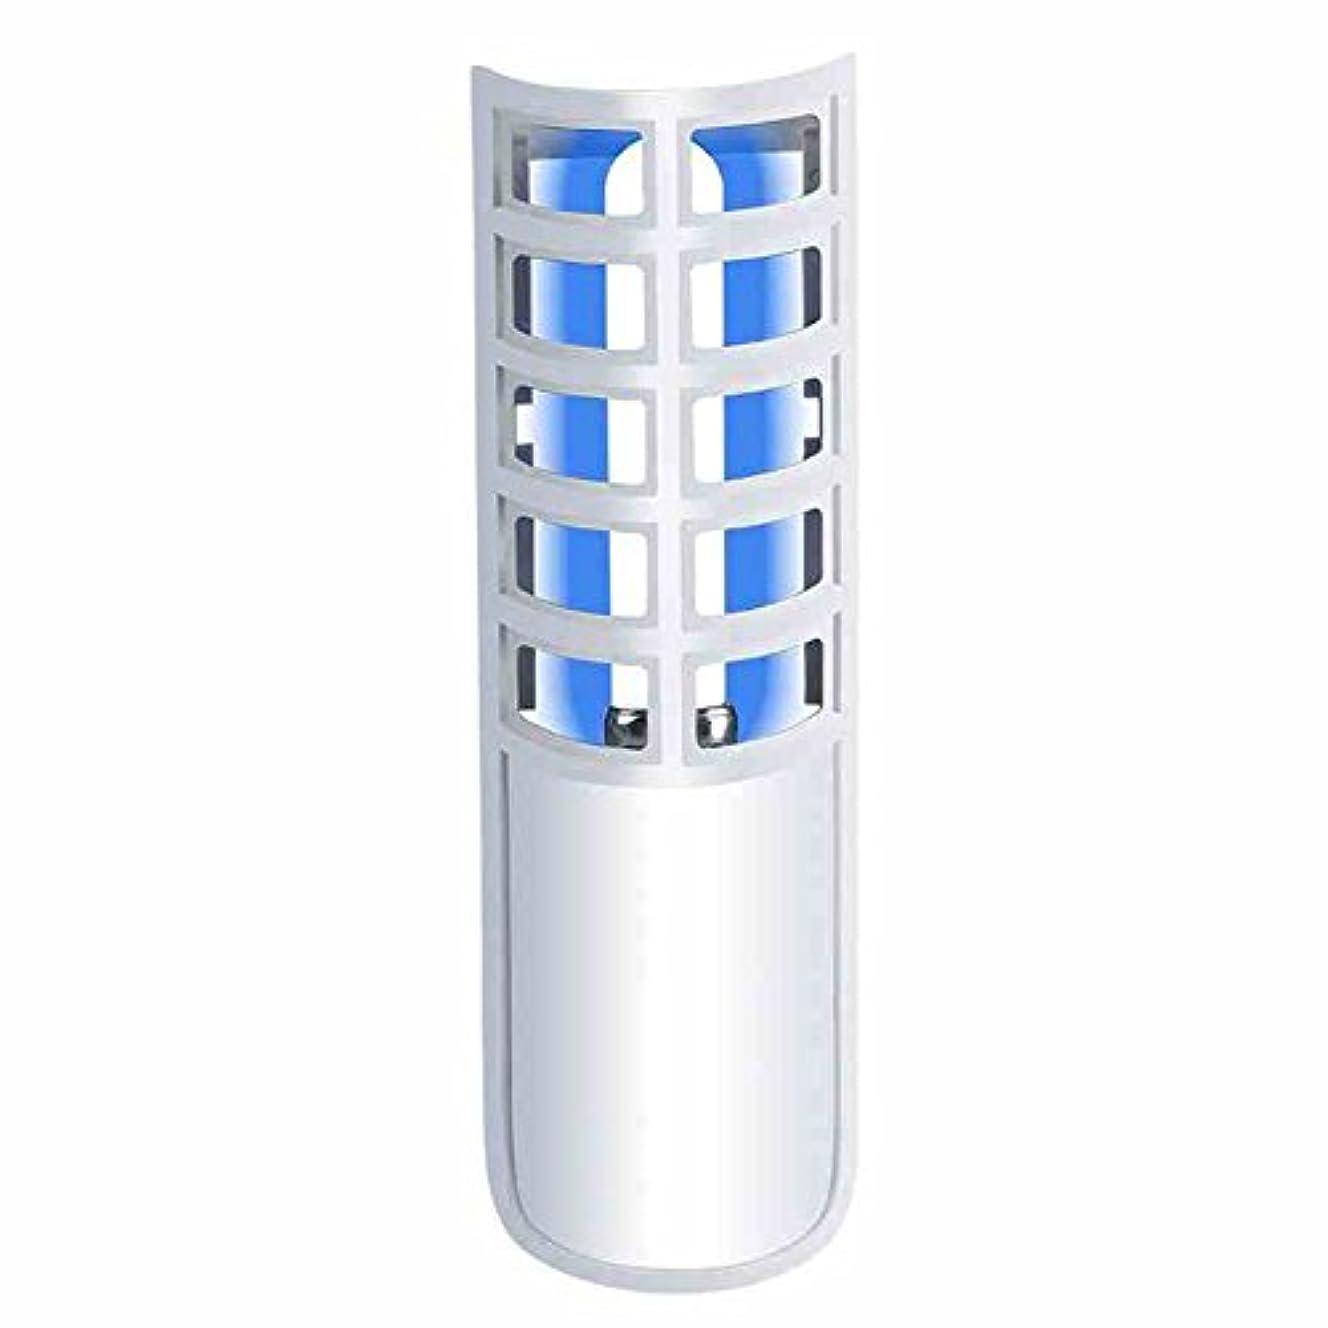 やるパワー永続WENZHE 蚊対策 殺虫器灯 誘虫灯 虫除け インドア スティッキートラップ サイレント 蚊 タンパー、 白、 2つのスタイル、 50×200mm (色 : B)